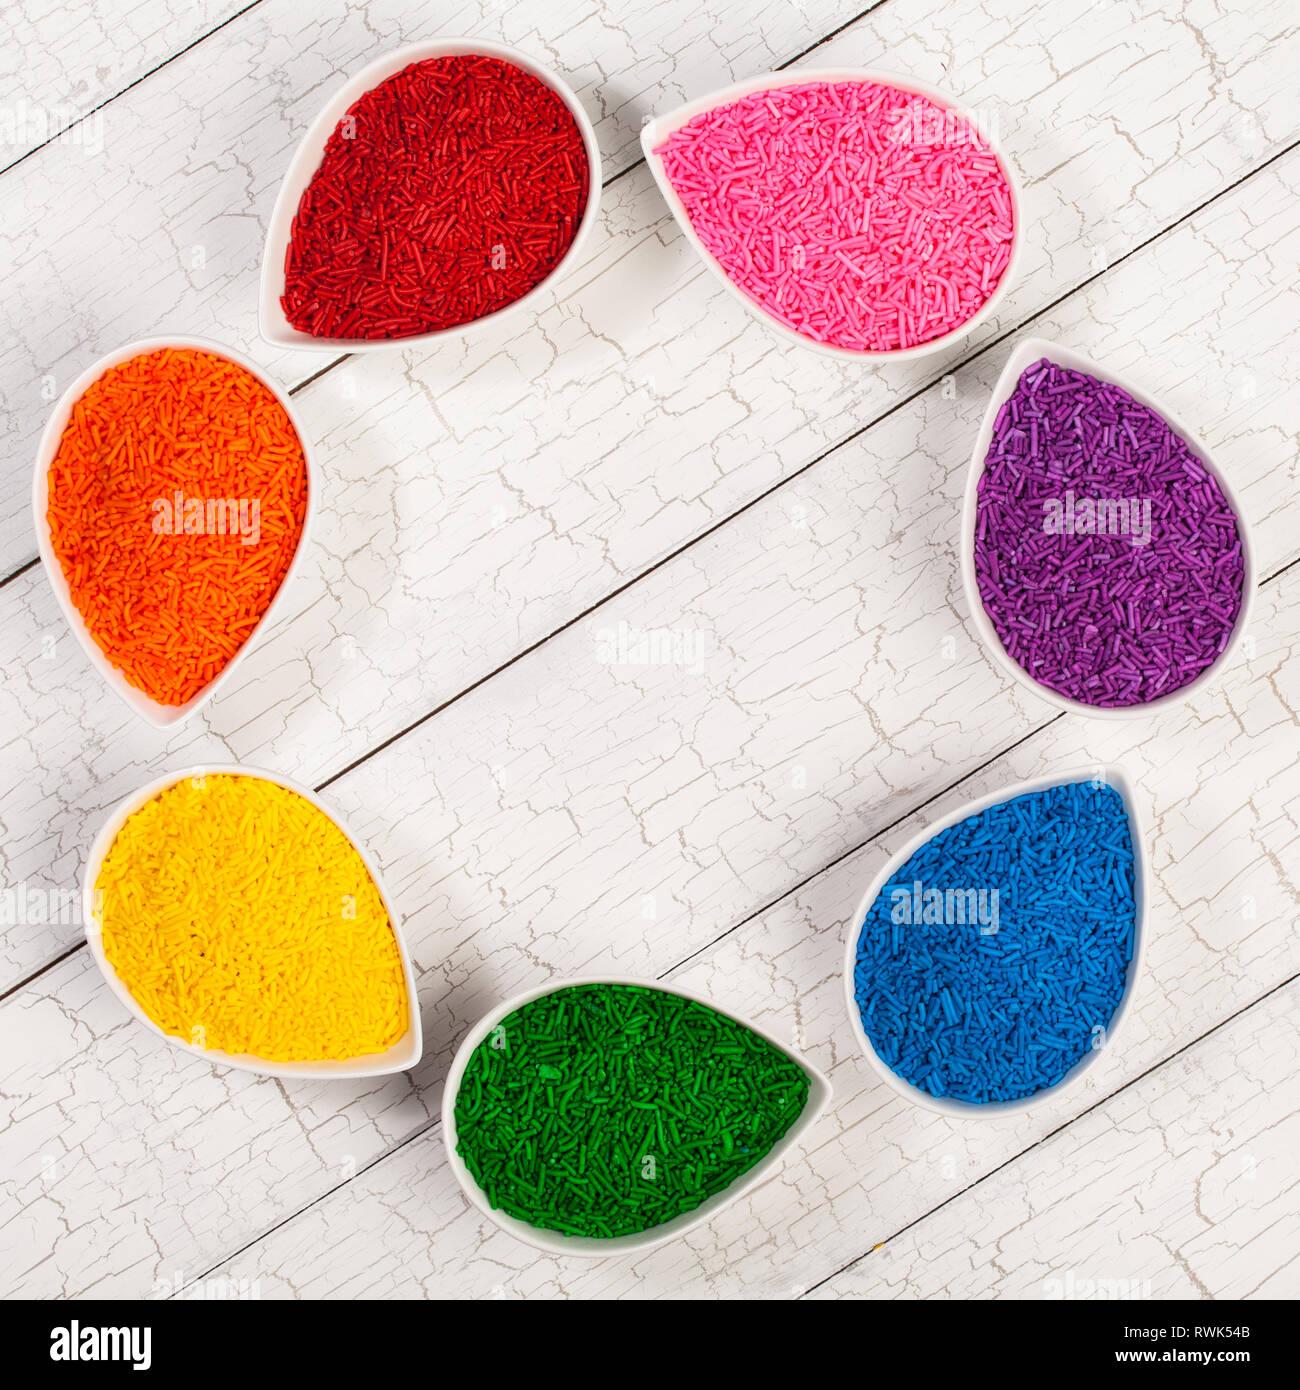 Ein Regenbogen Sortiment von bunten Streuseln Backen zum Dekorieren Kekse und Kuchen in Blütenblatt benutzt geformte Schüsseln Stockfoto